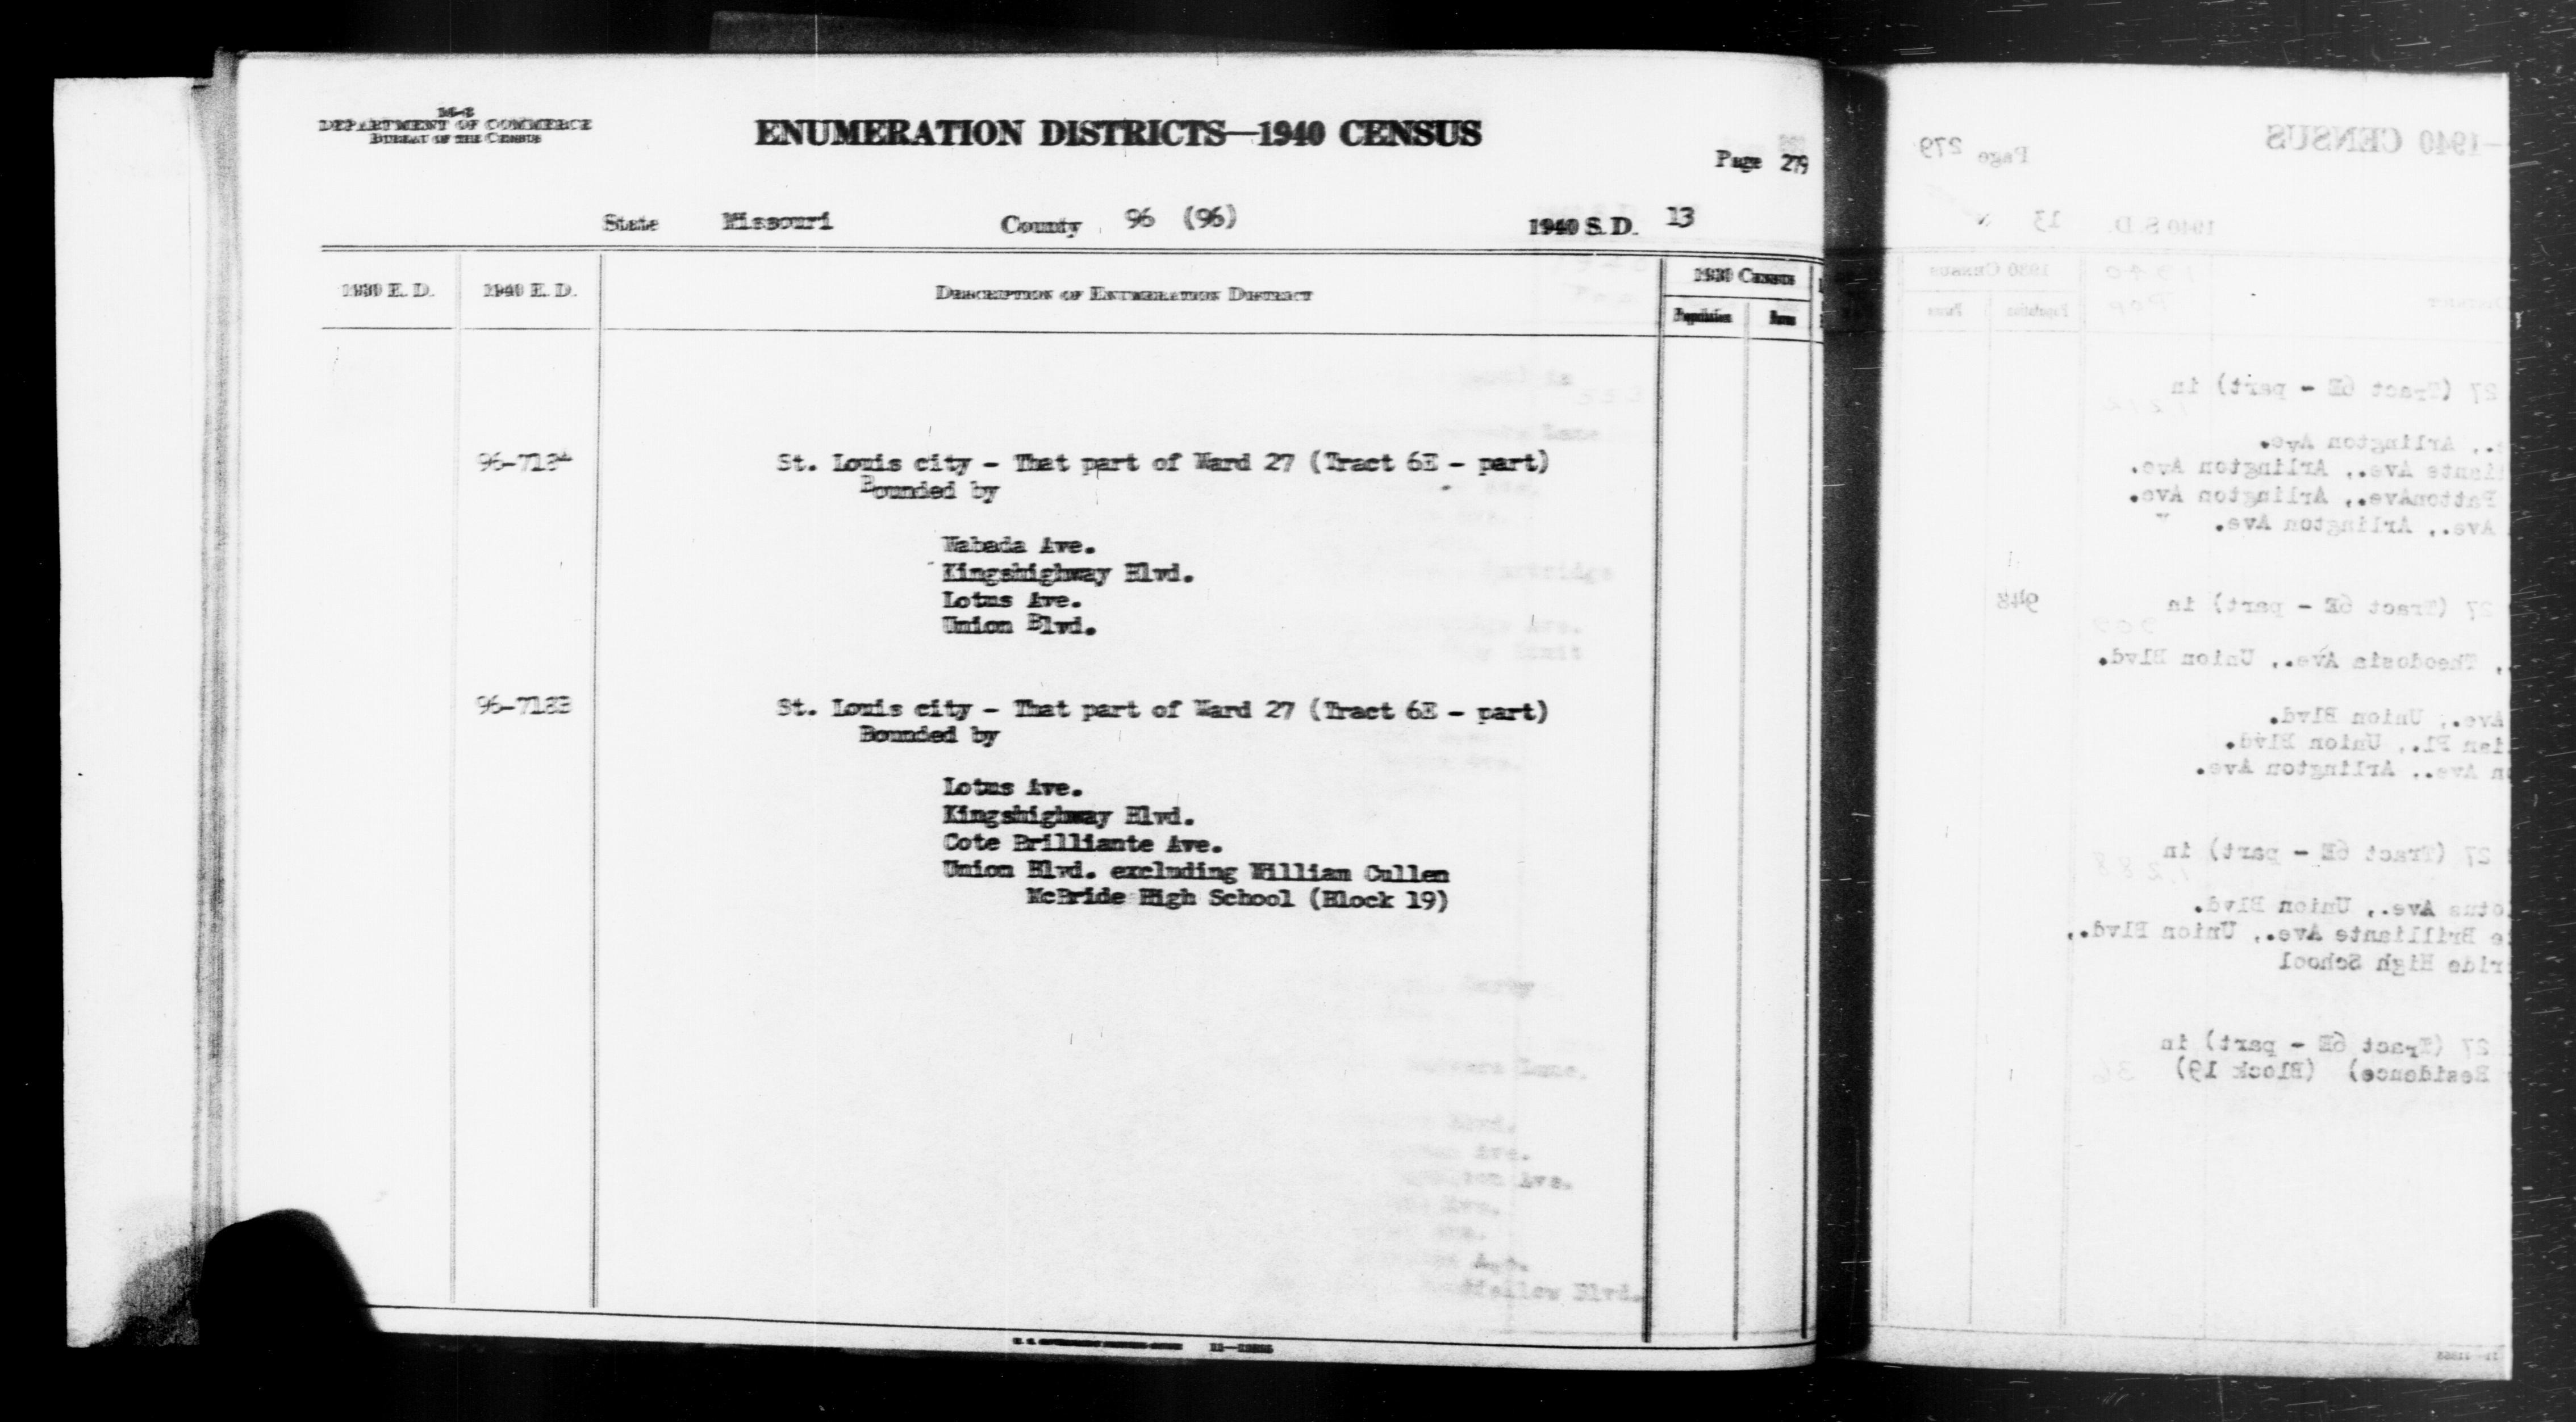 1940 Census Enumeration District Descriptions - Missouri - St. Louis City County - ED 96-718A, ED 96-718B